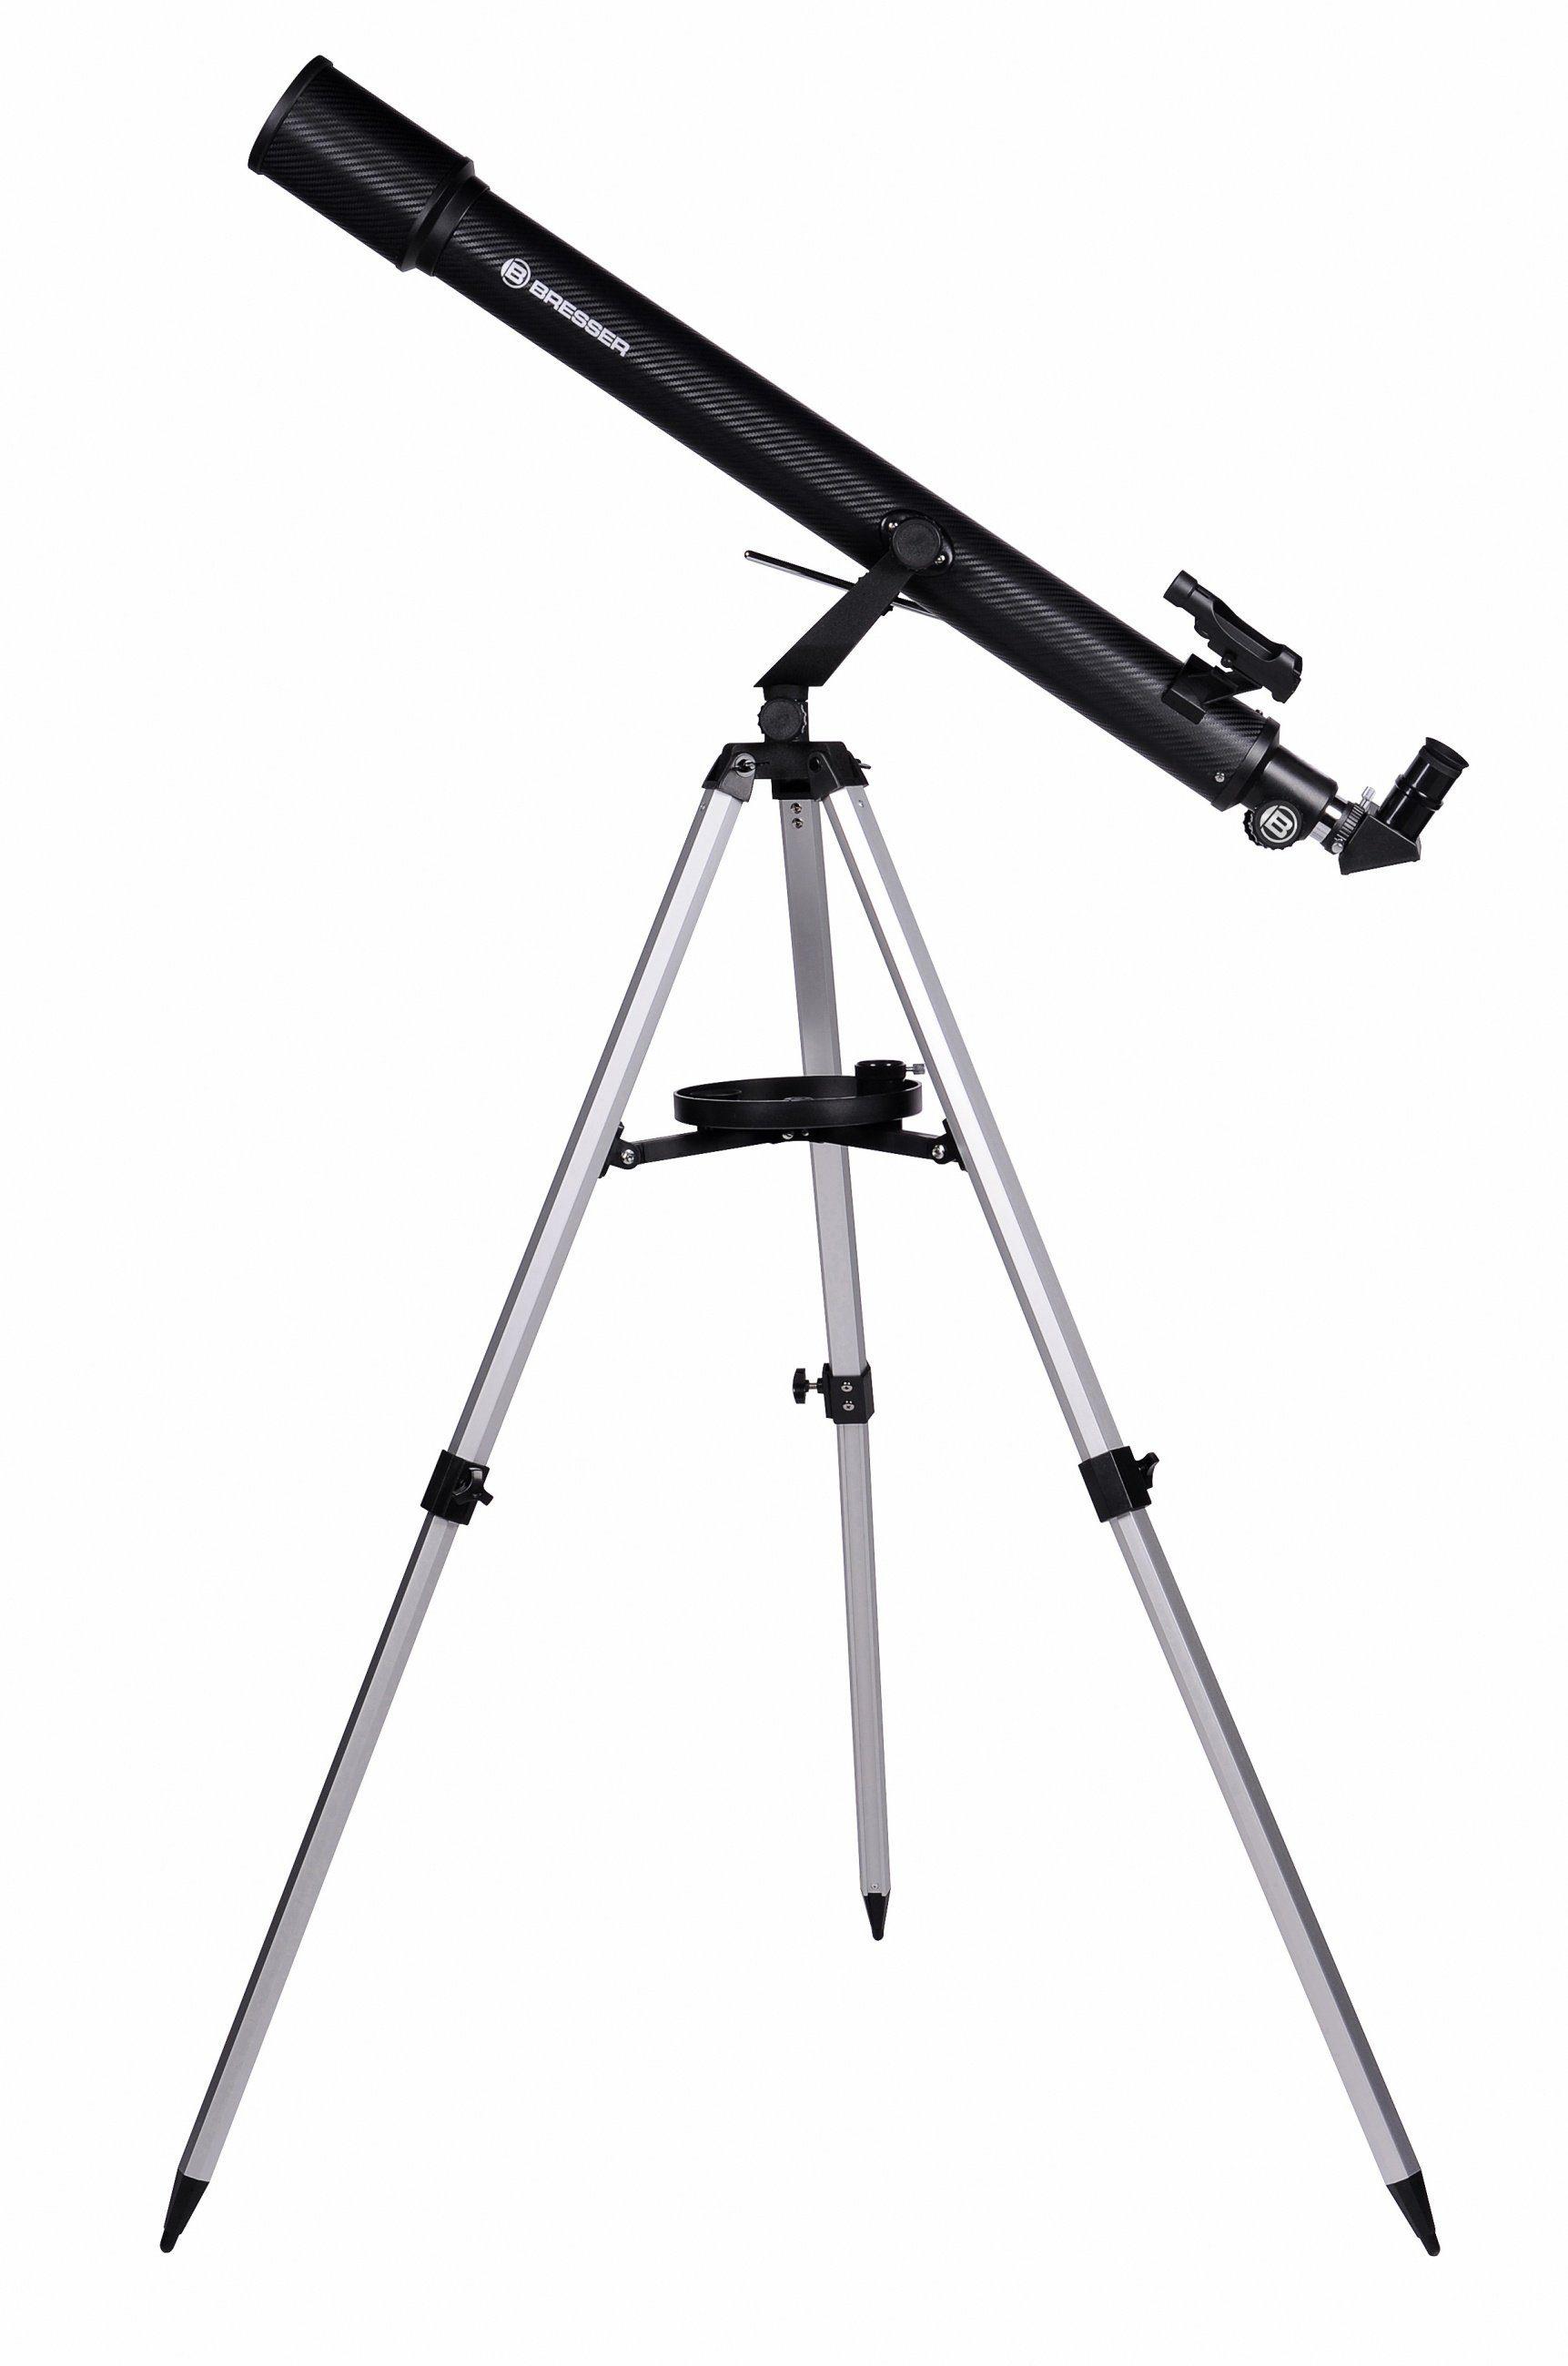 Bresser Teleskop »Sirius 70/900 AZ Linsenteleskop Handy Adapter«